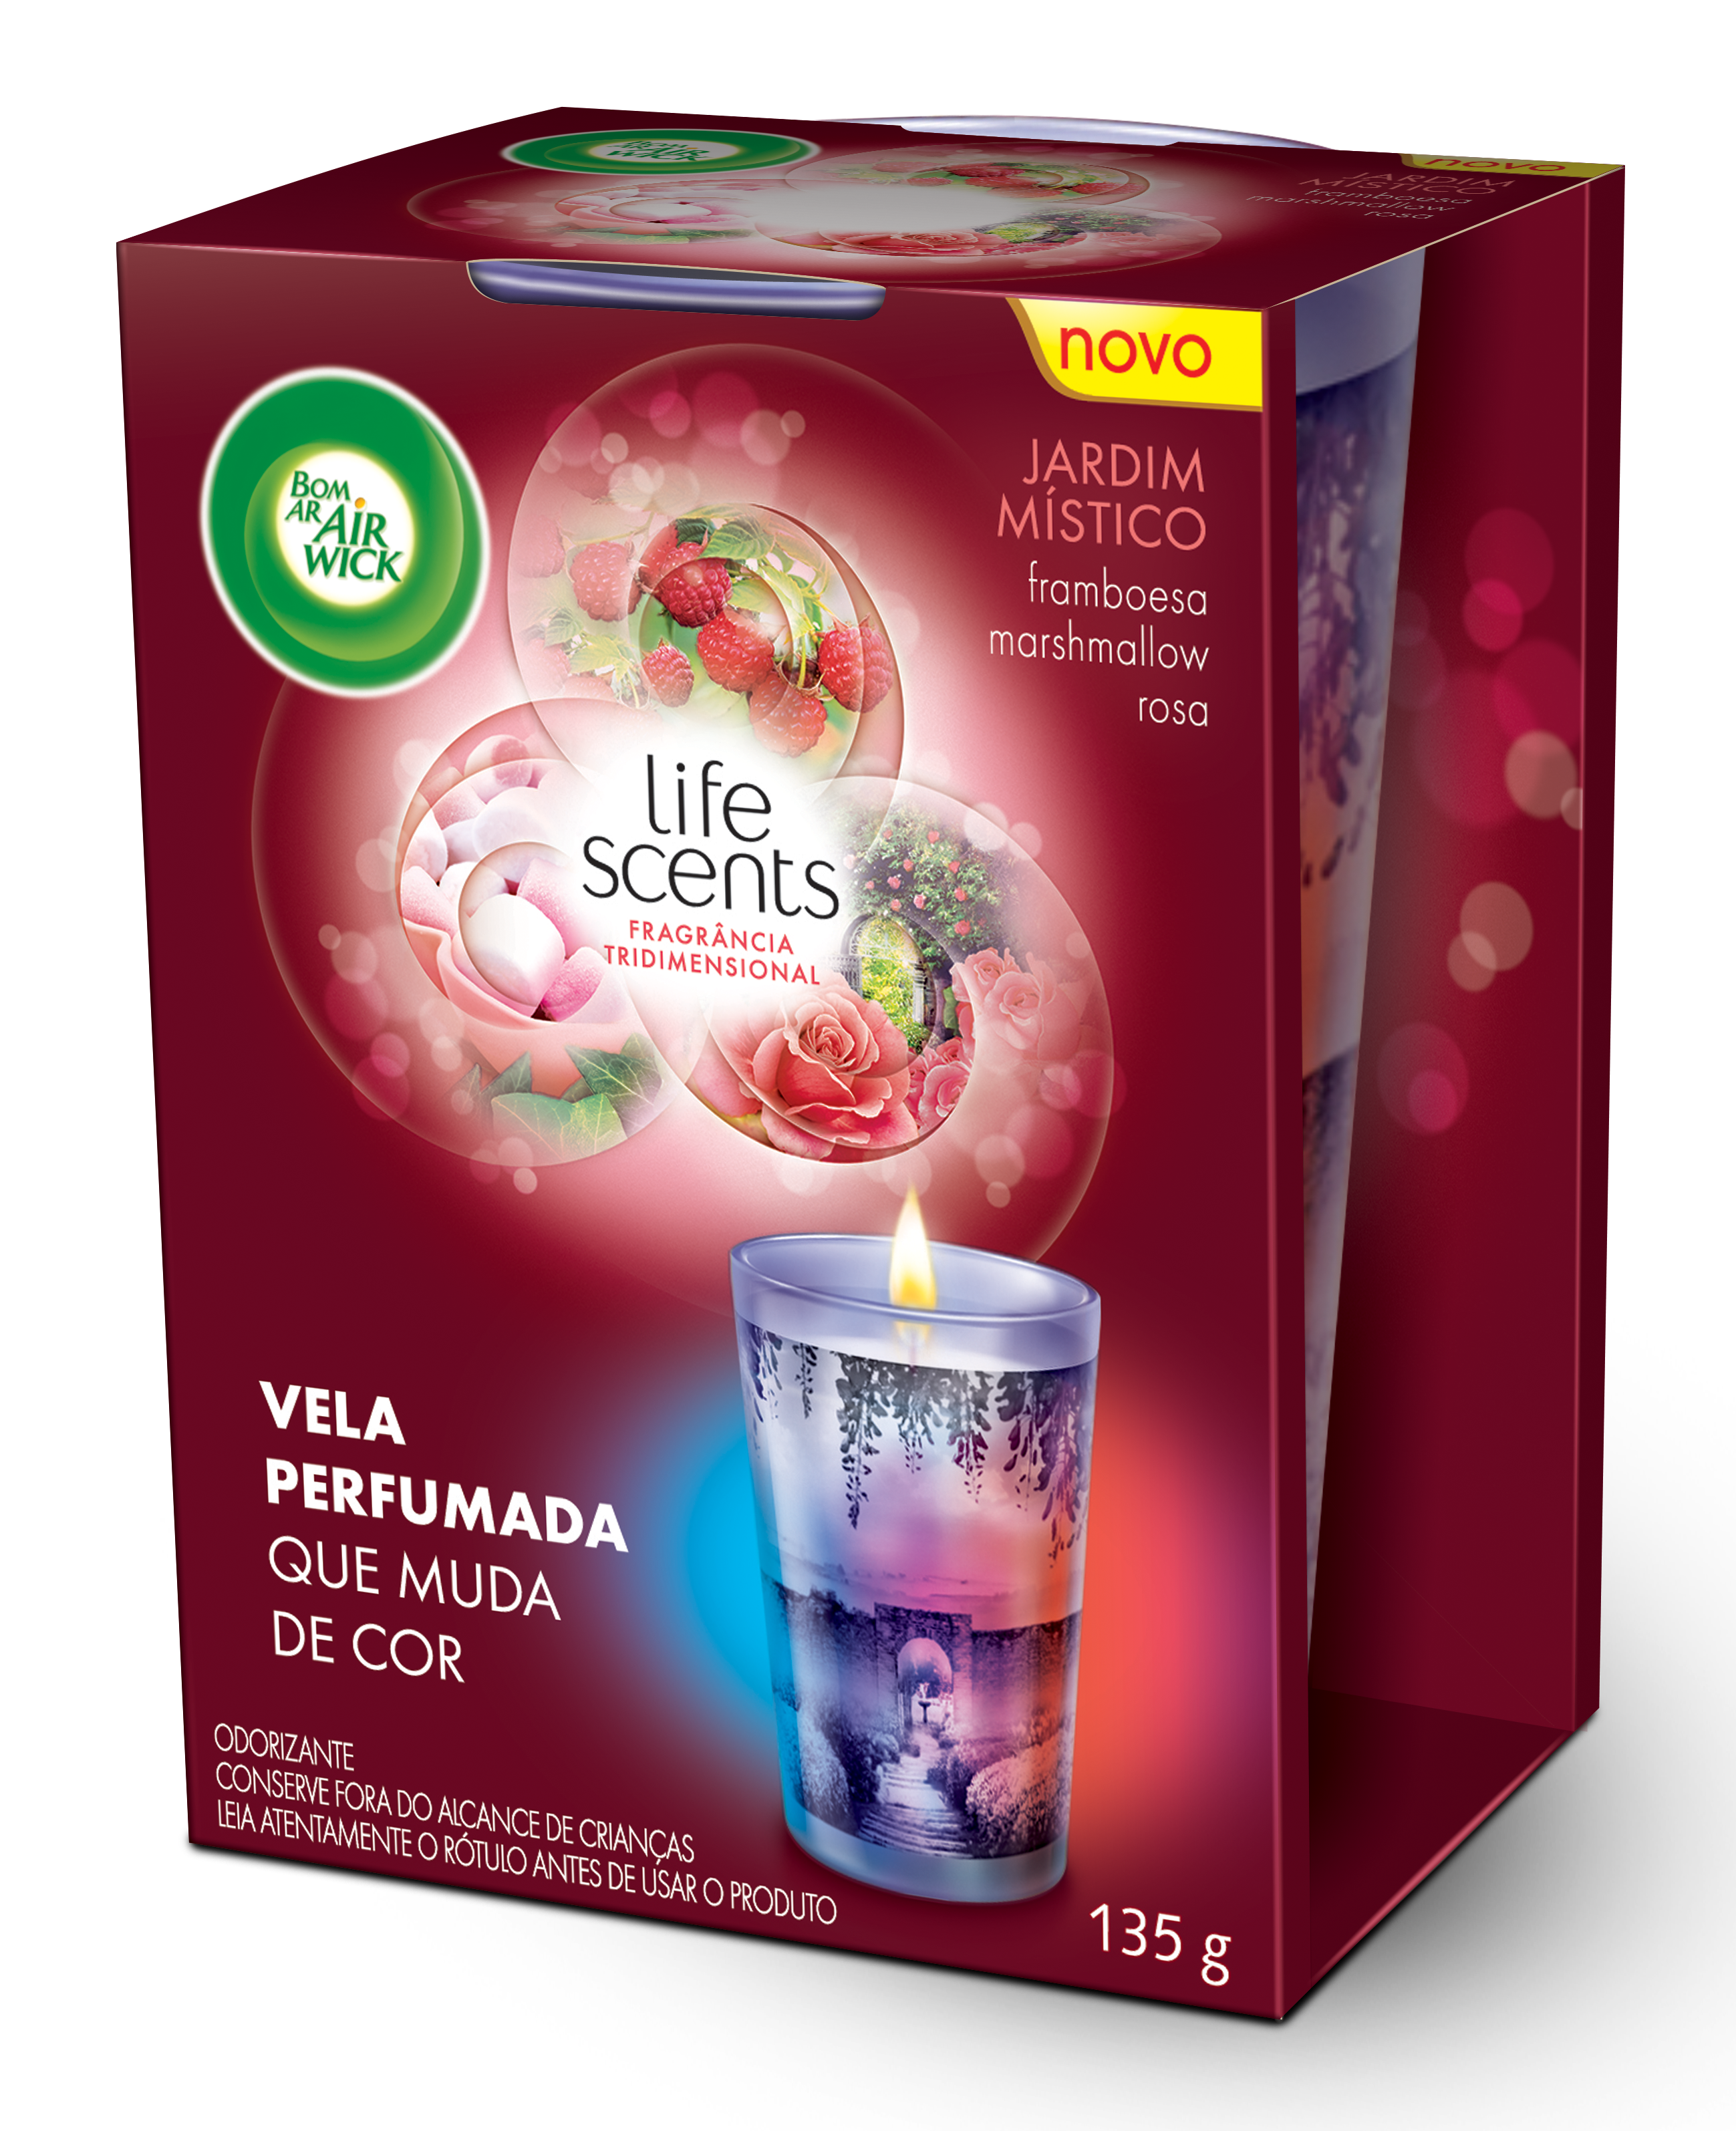 Life scents Jardim M°stico VELA